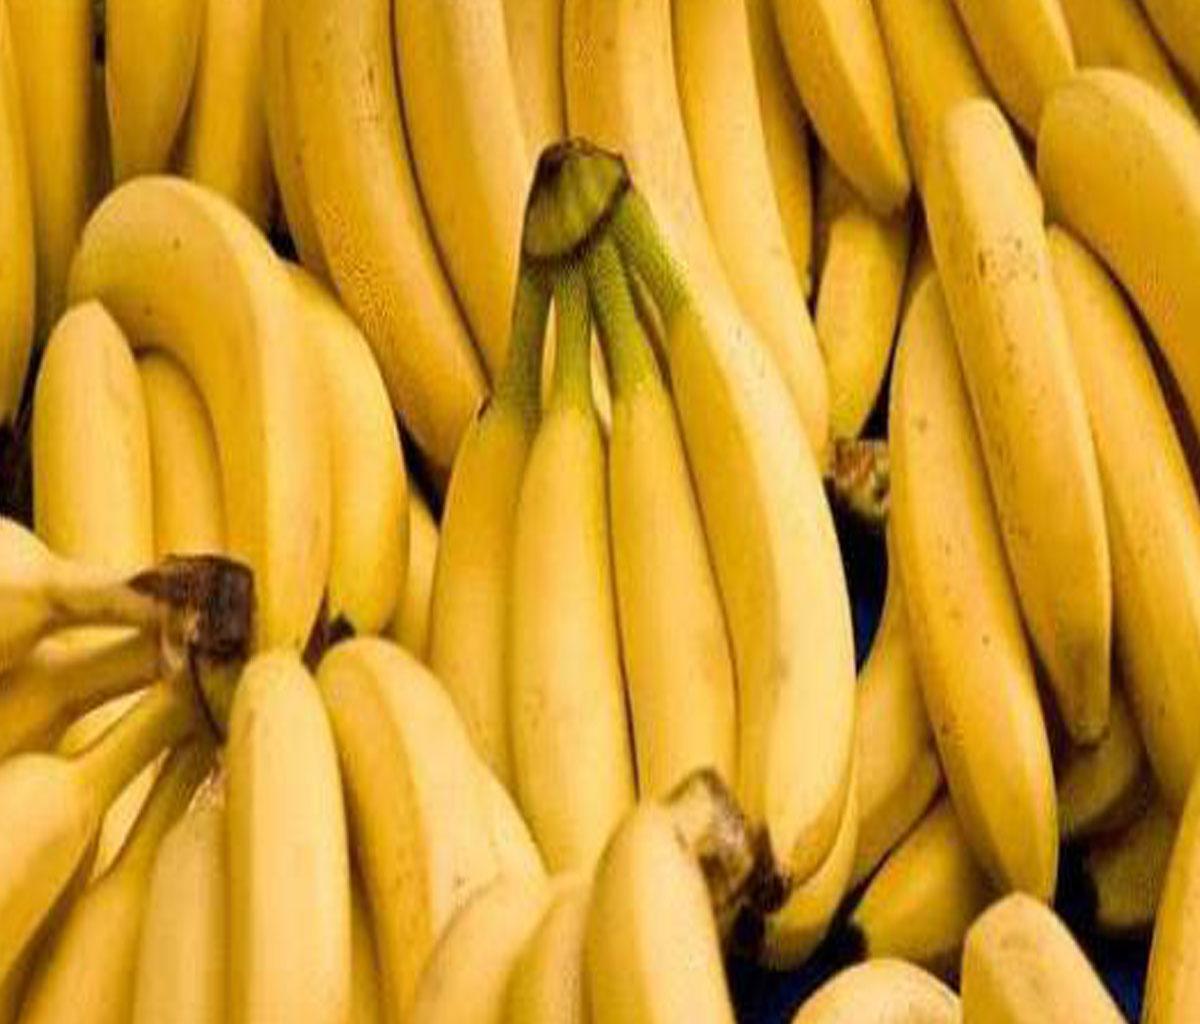 تفسير حلم تناول الموز للحامل في المنام